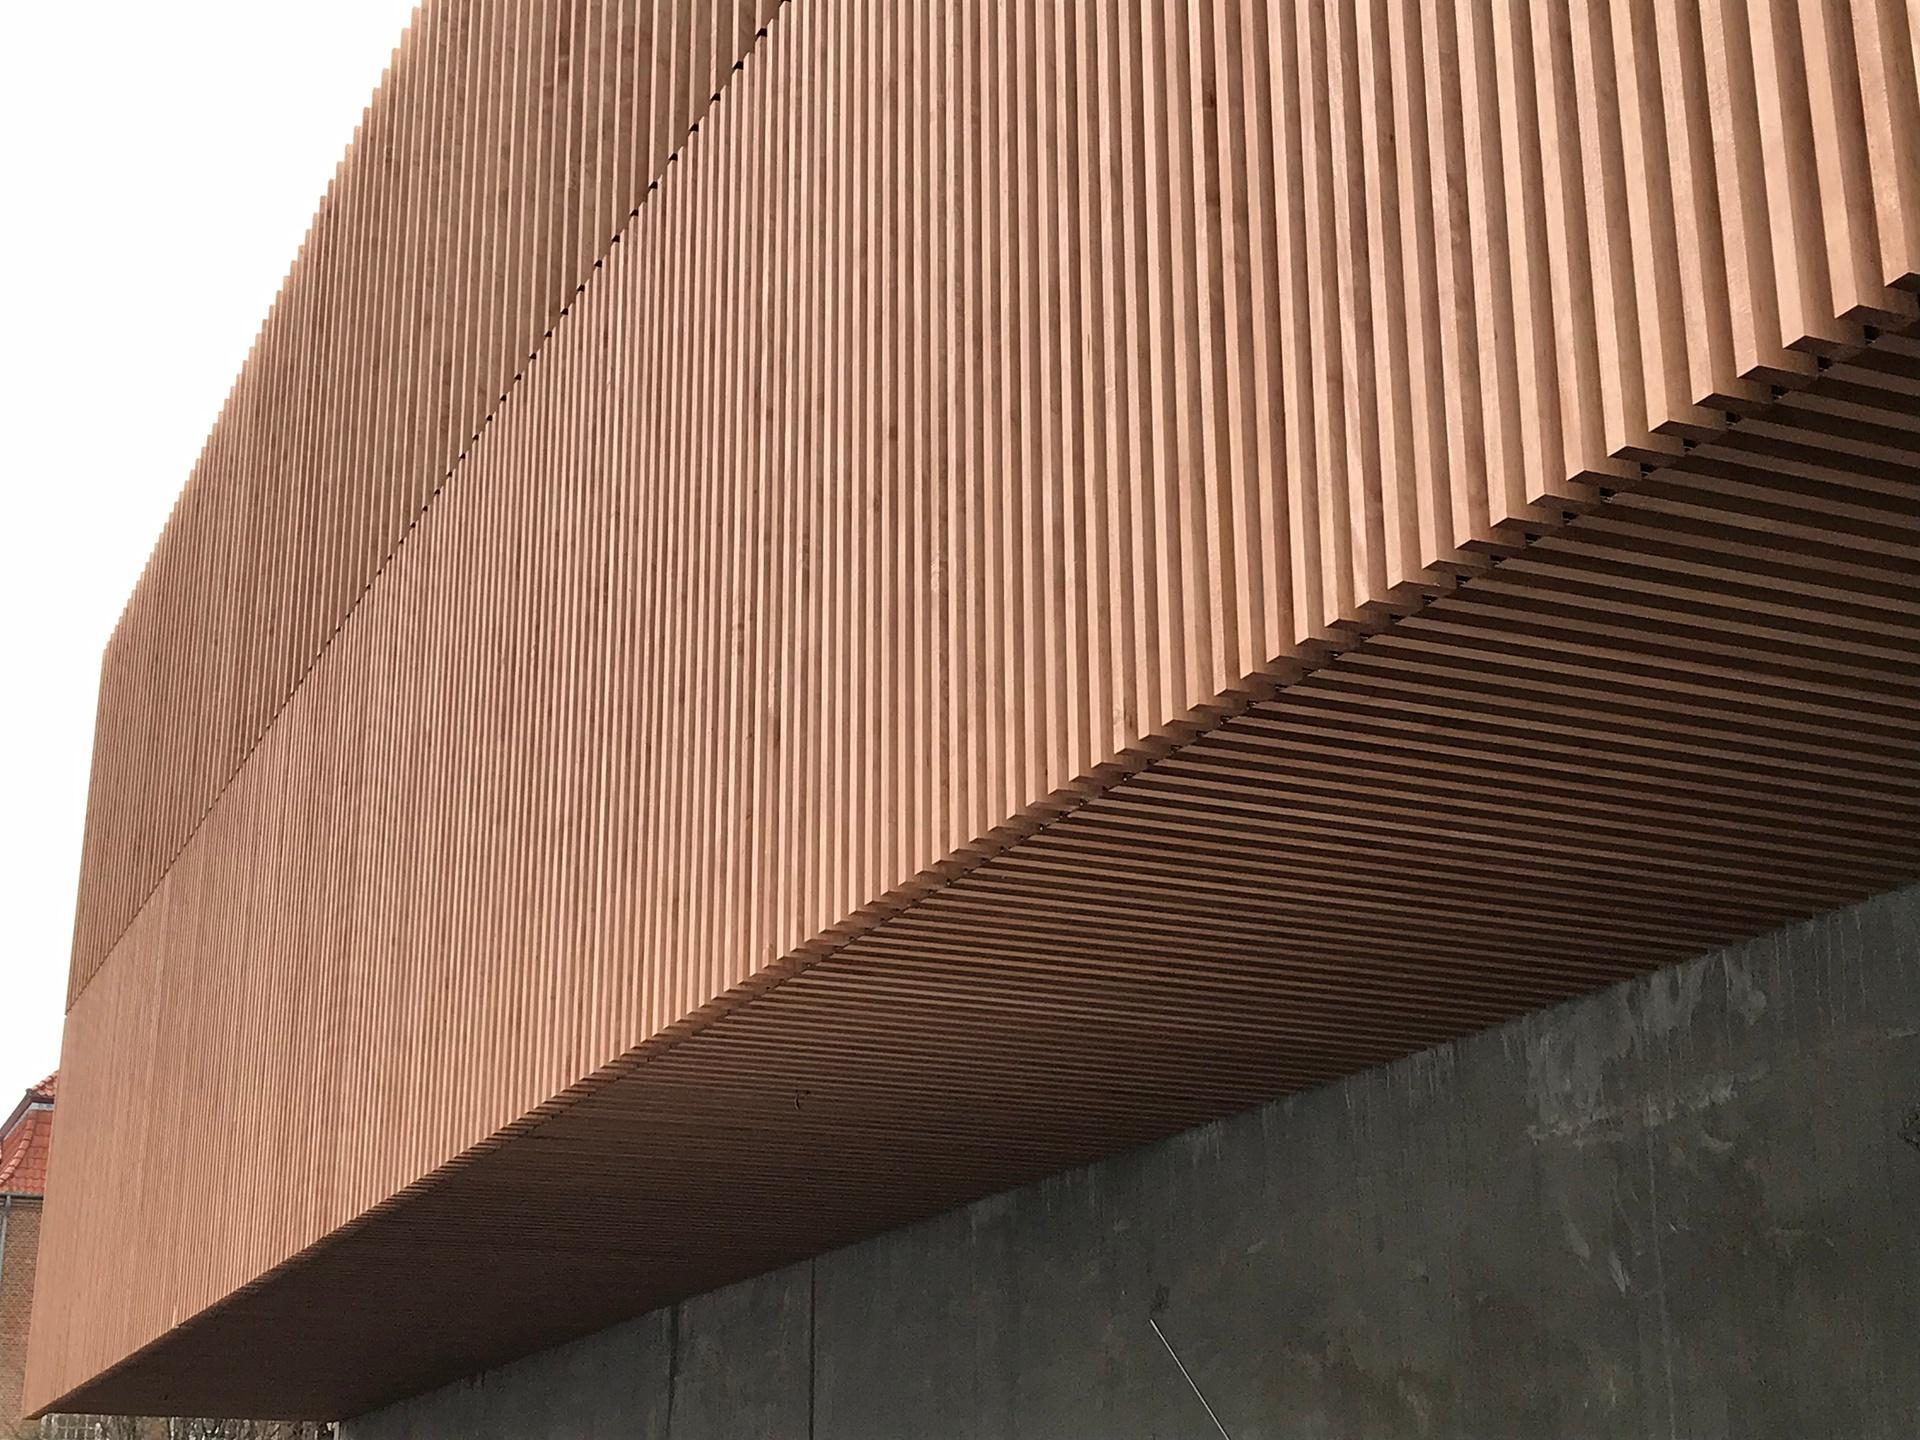 Keflico A/S: Designfrihed og termisk sikring med nyt facadesystem